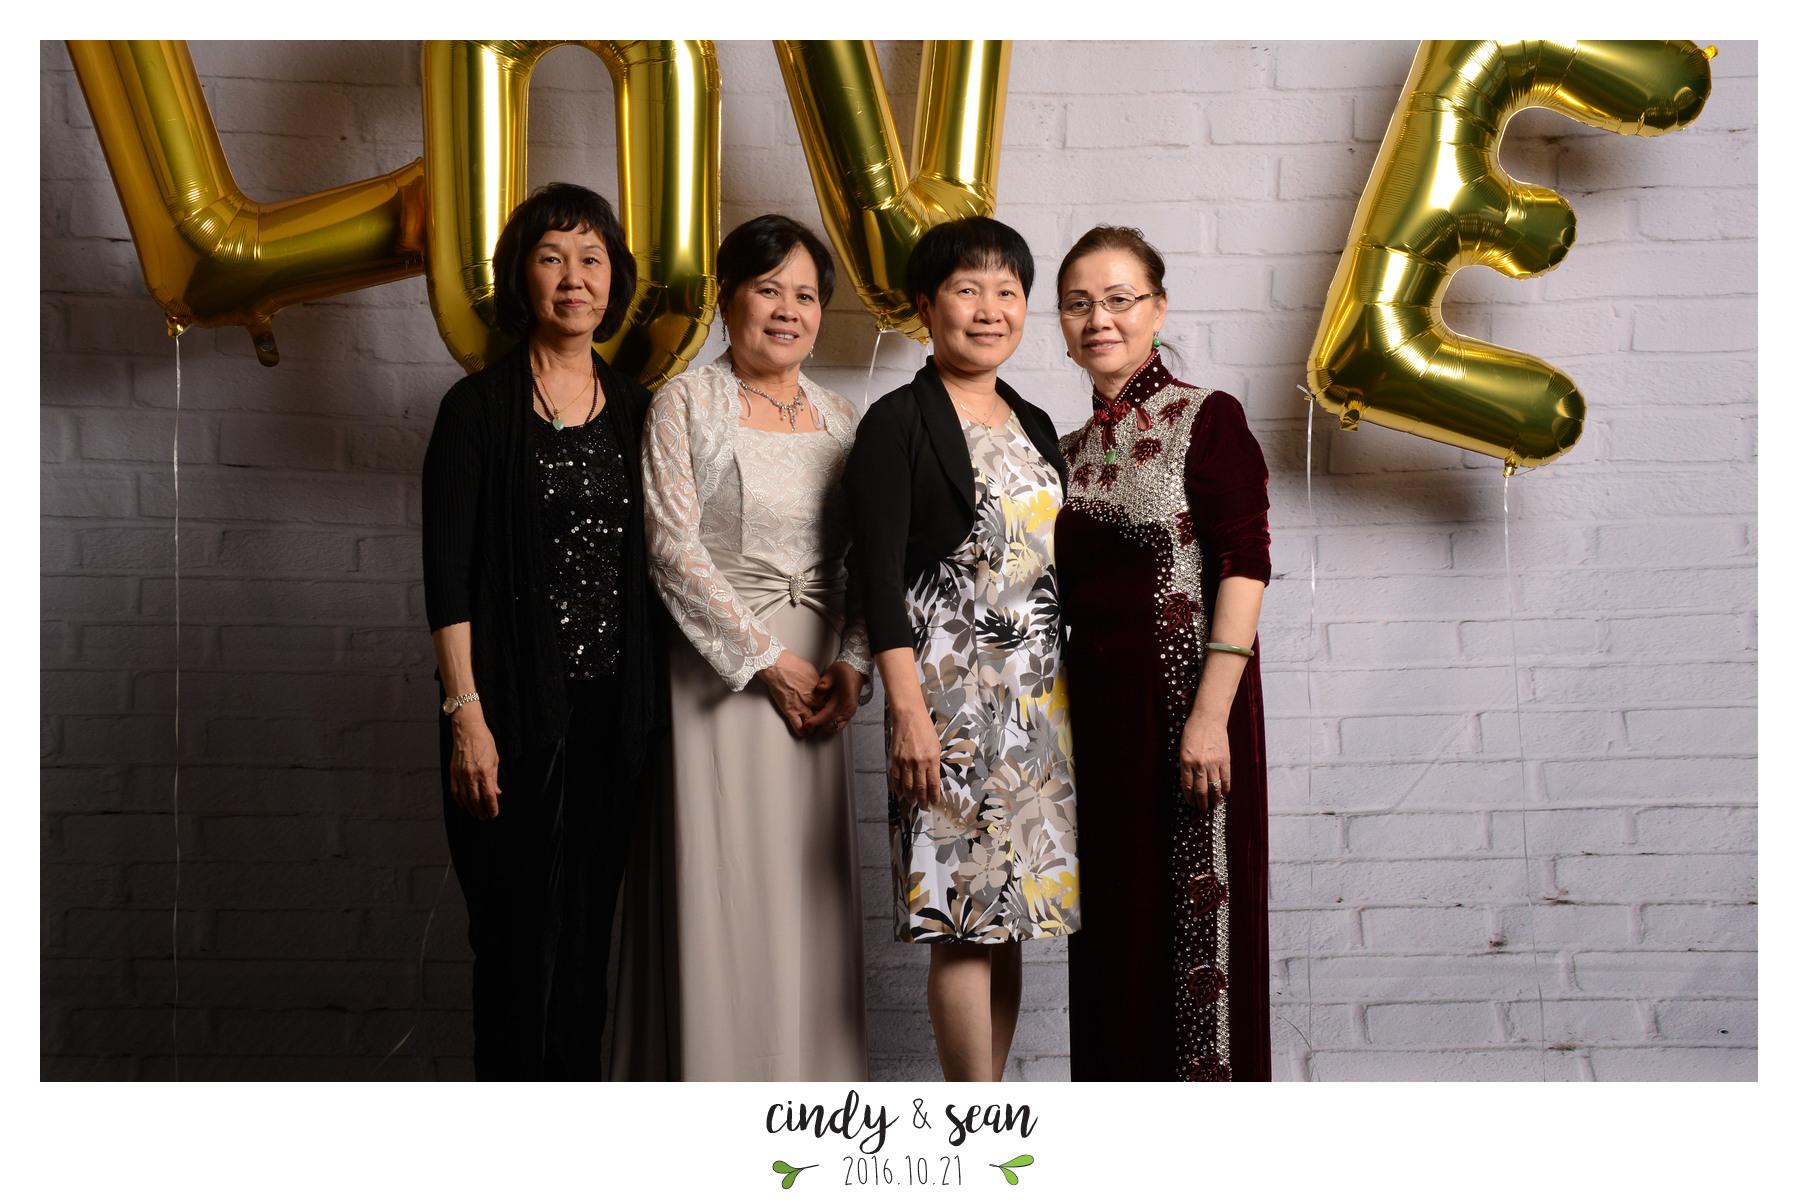 Cindy Sean Bae - 0001-115.jpg